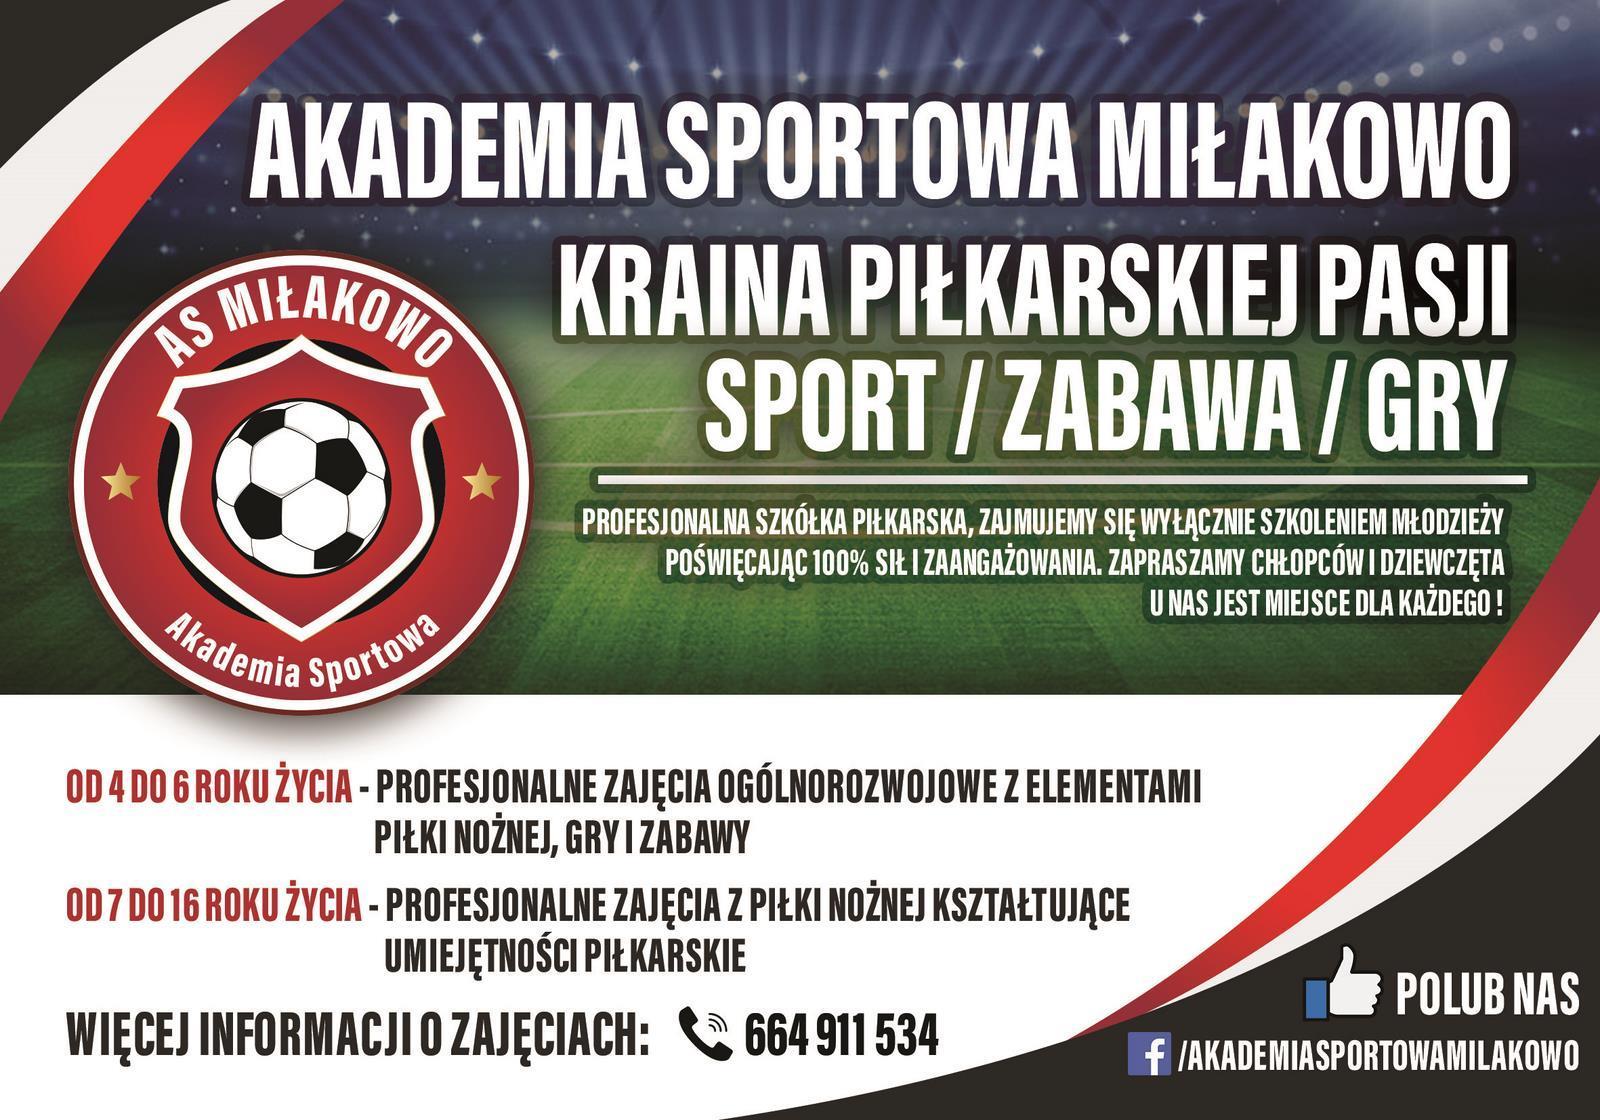 AS Milakowo - Zapraszamy do kontaktu